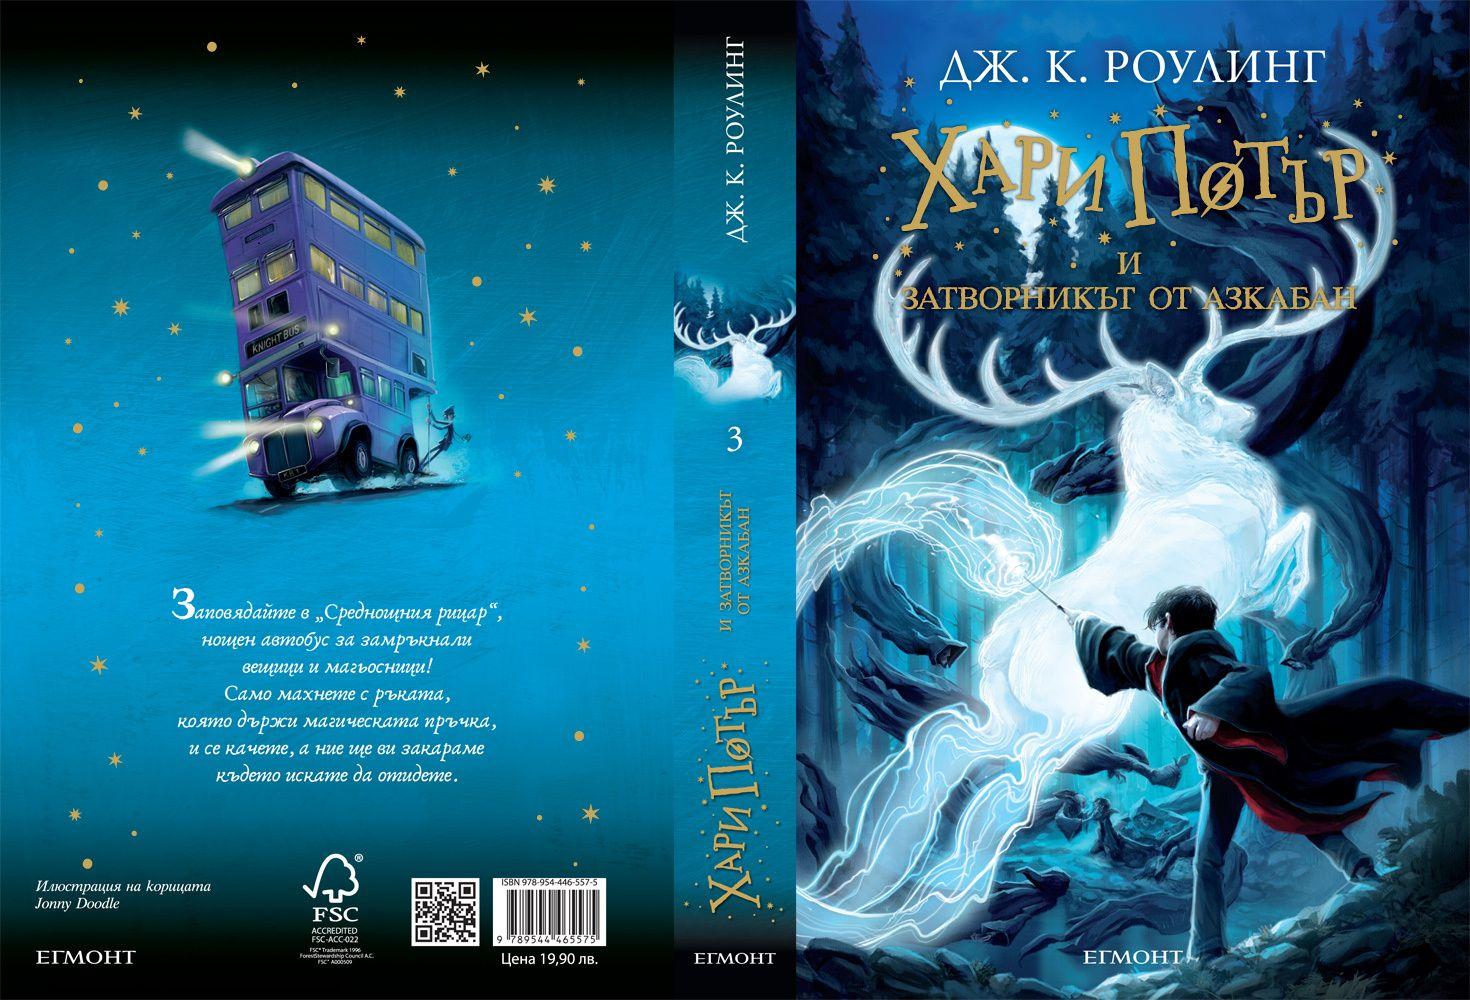 Хари Потър и Затворникът от Азкабан - 3